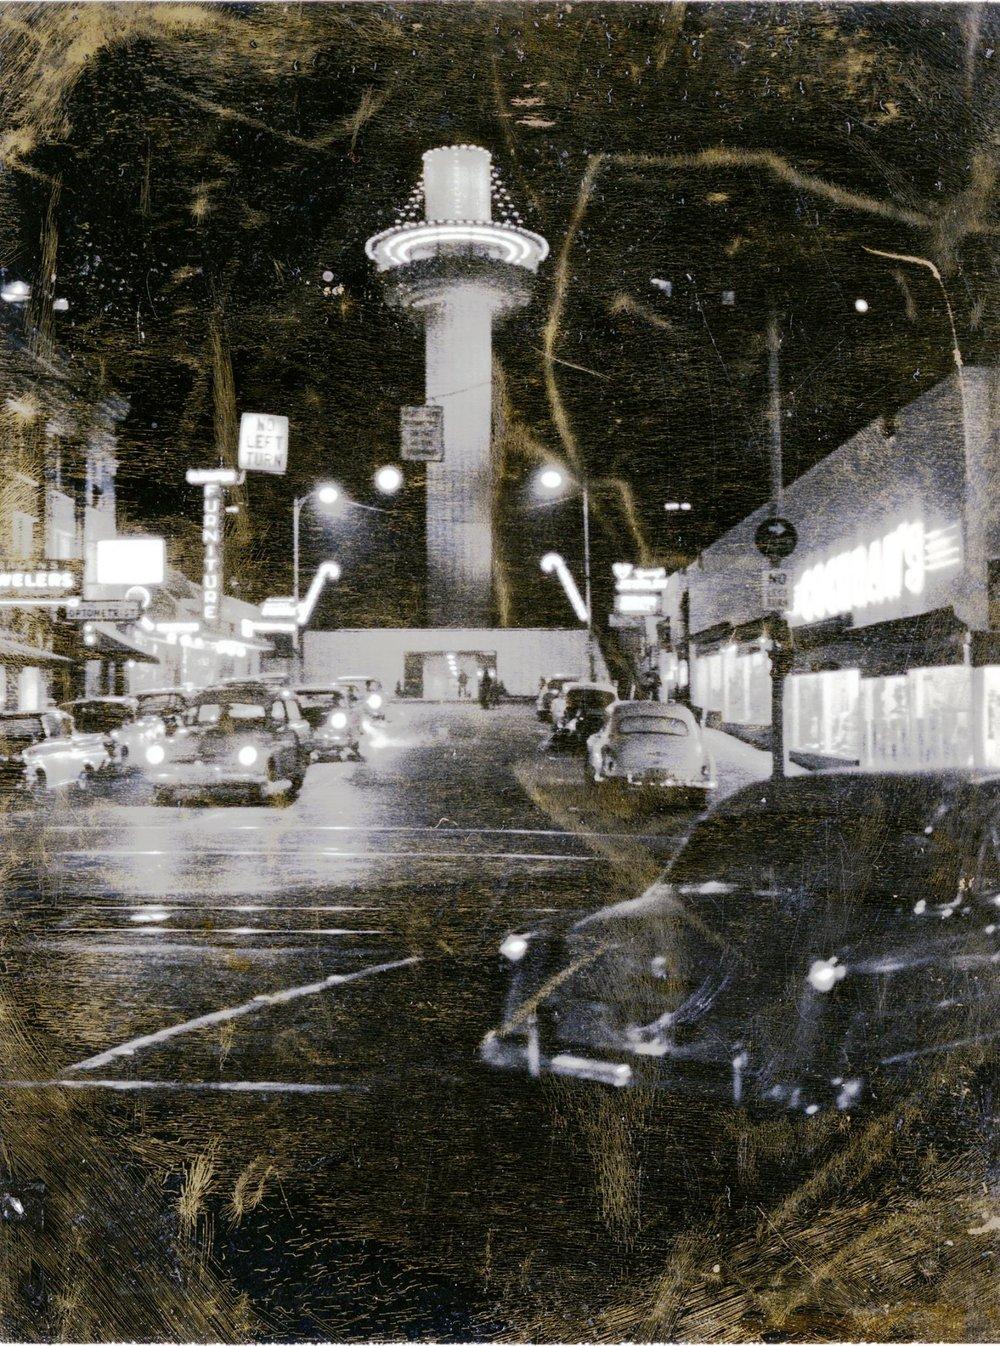 1960selevator.jpg